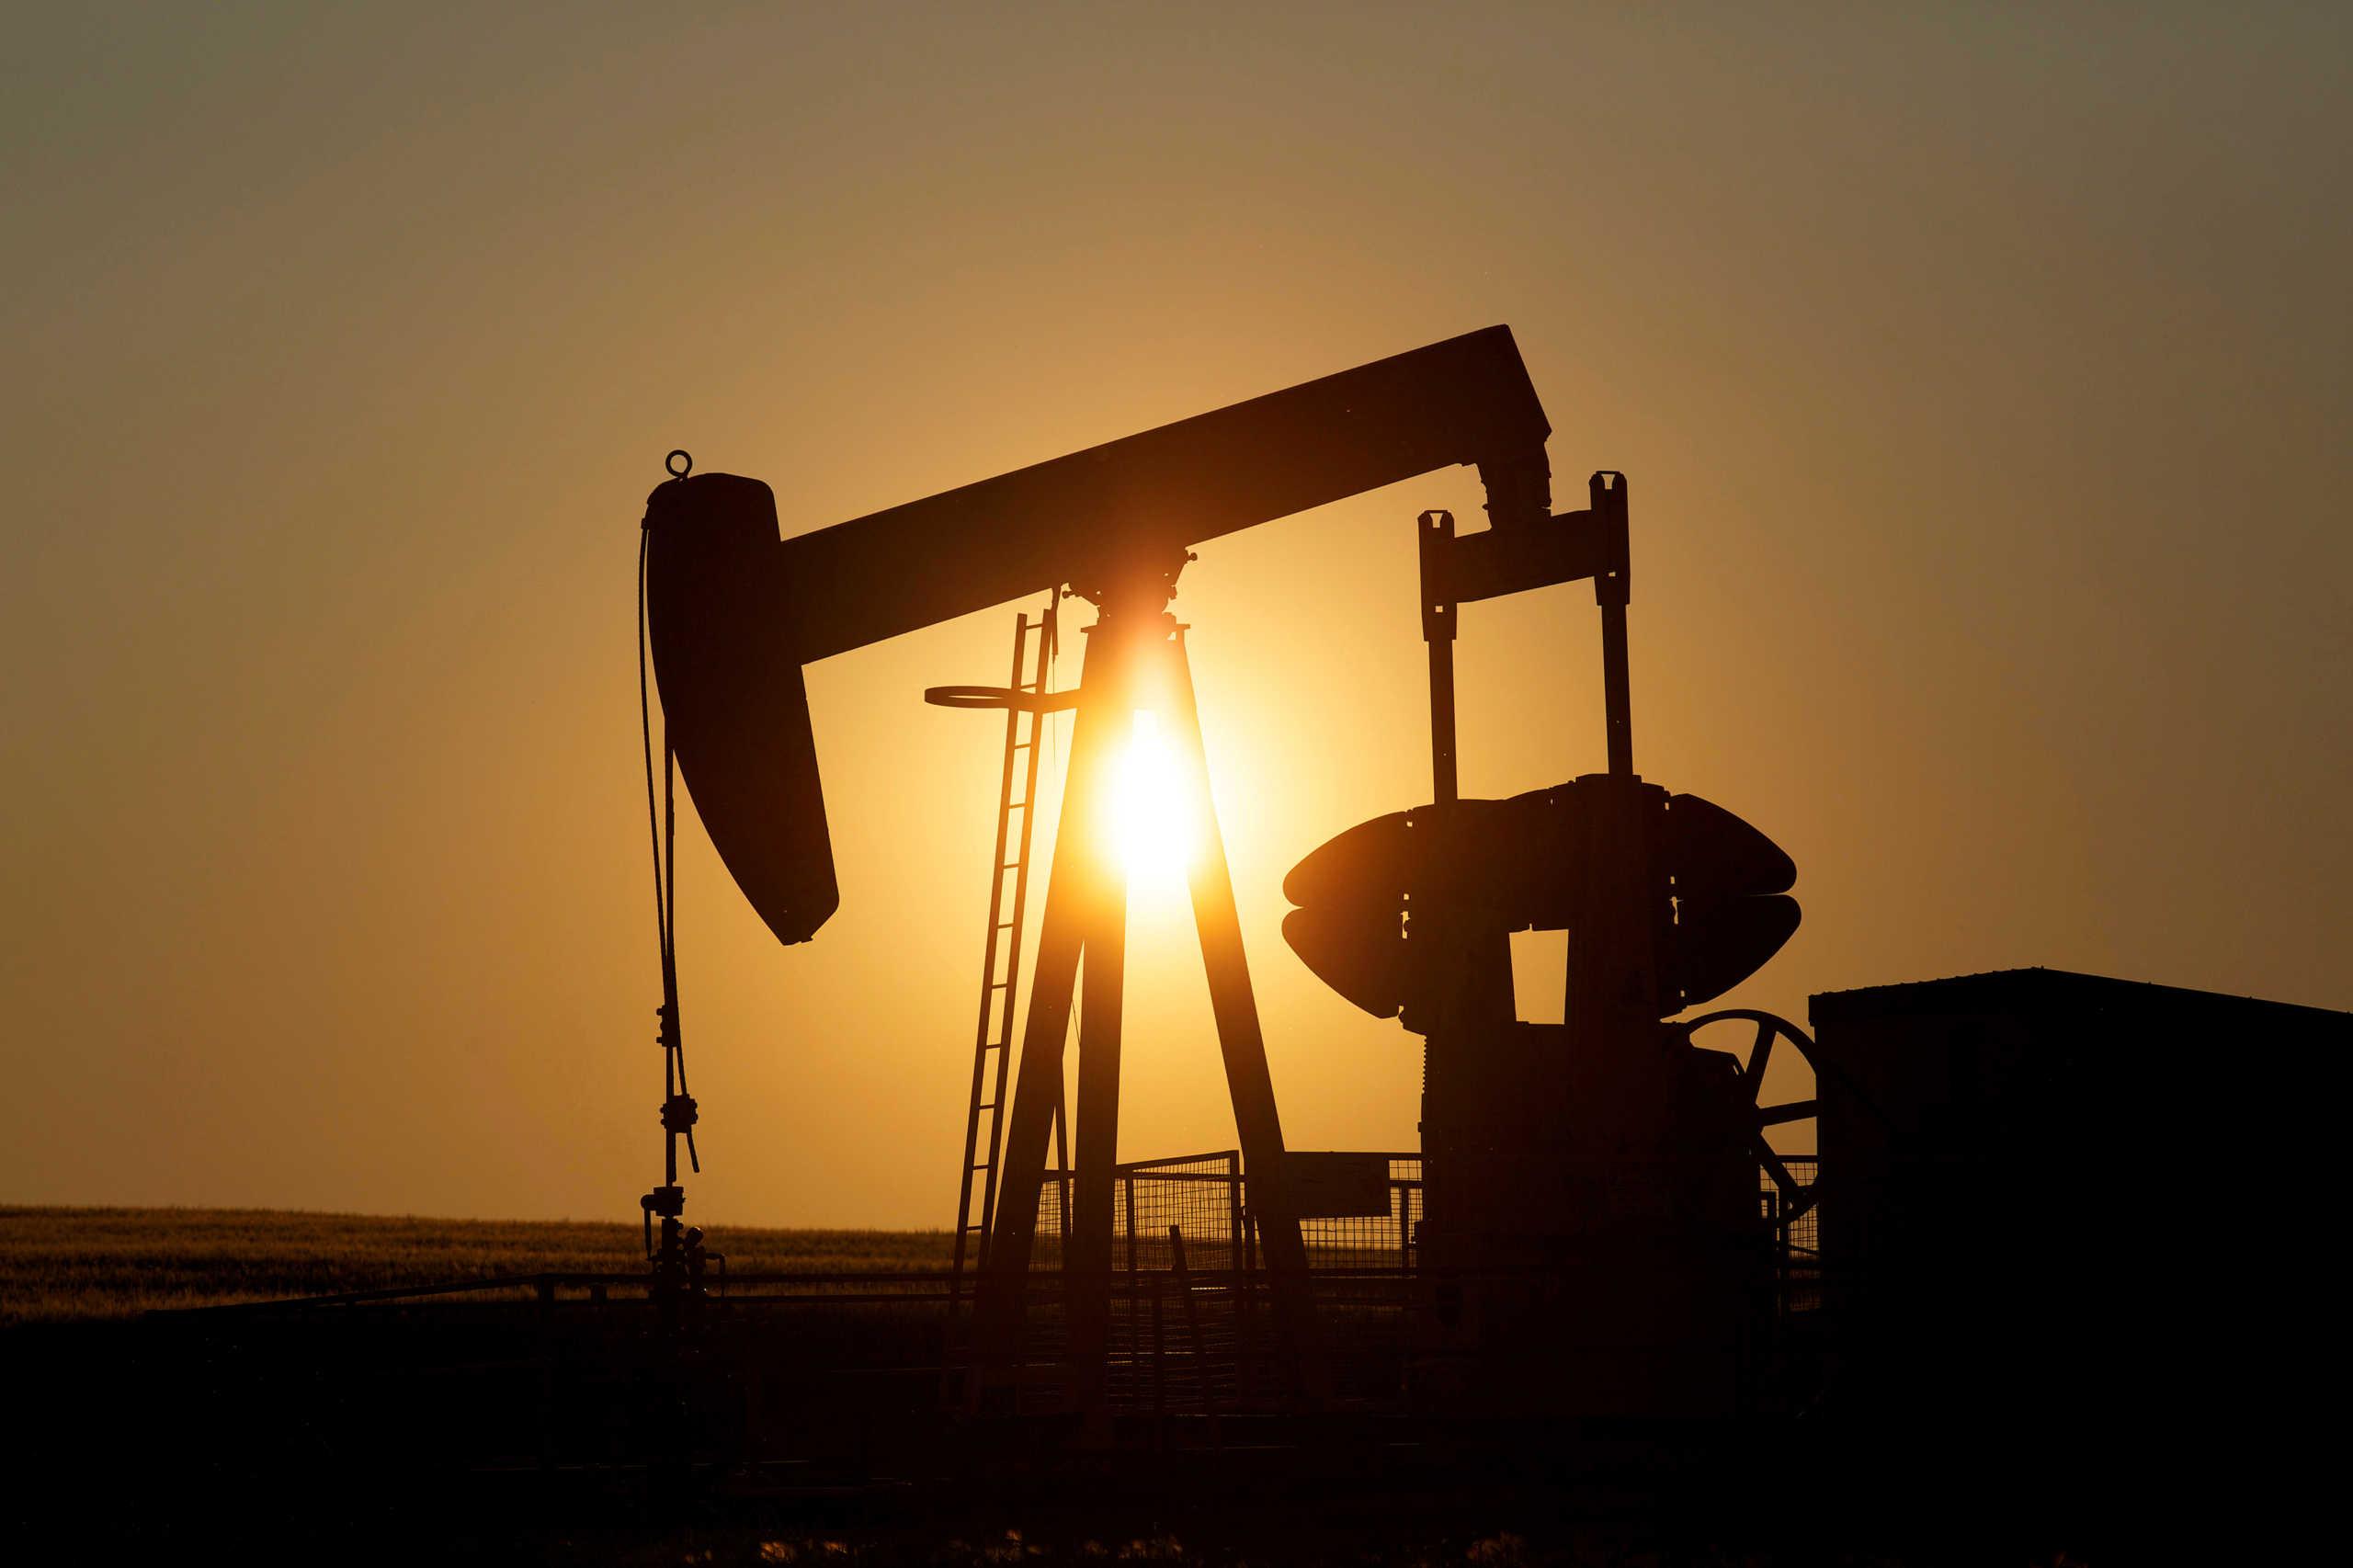 Πετρέλαιο: Ξέφρενο ράλι τιμών – Έπιασαν τα υψηλότερα επίπεδα της τελευταίας επταετίας